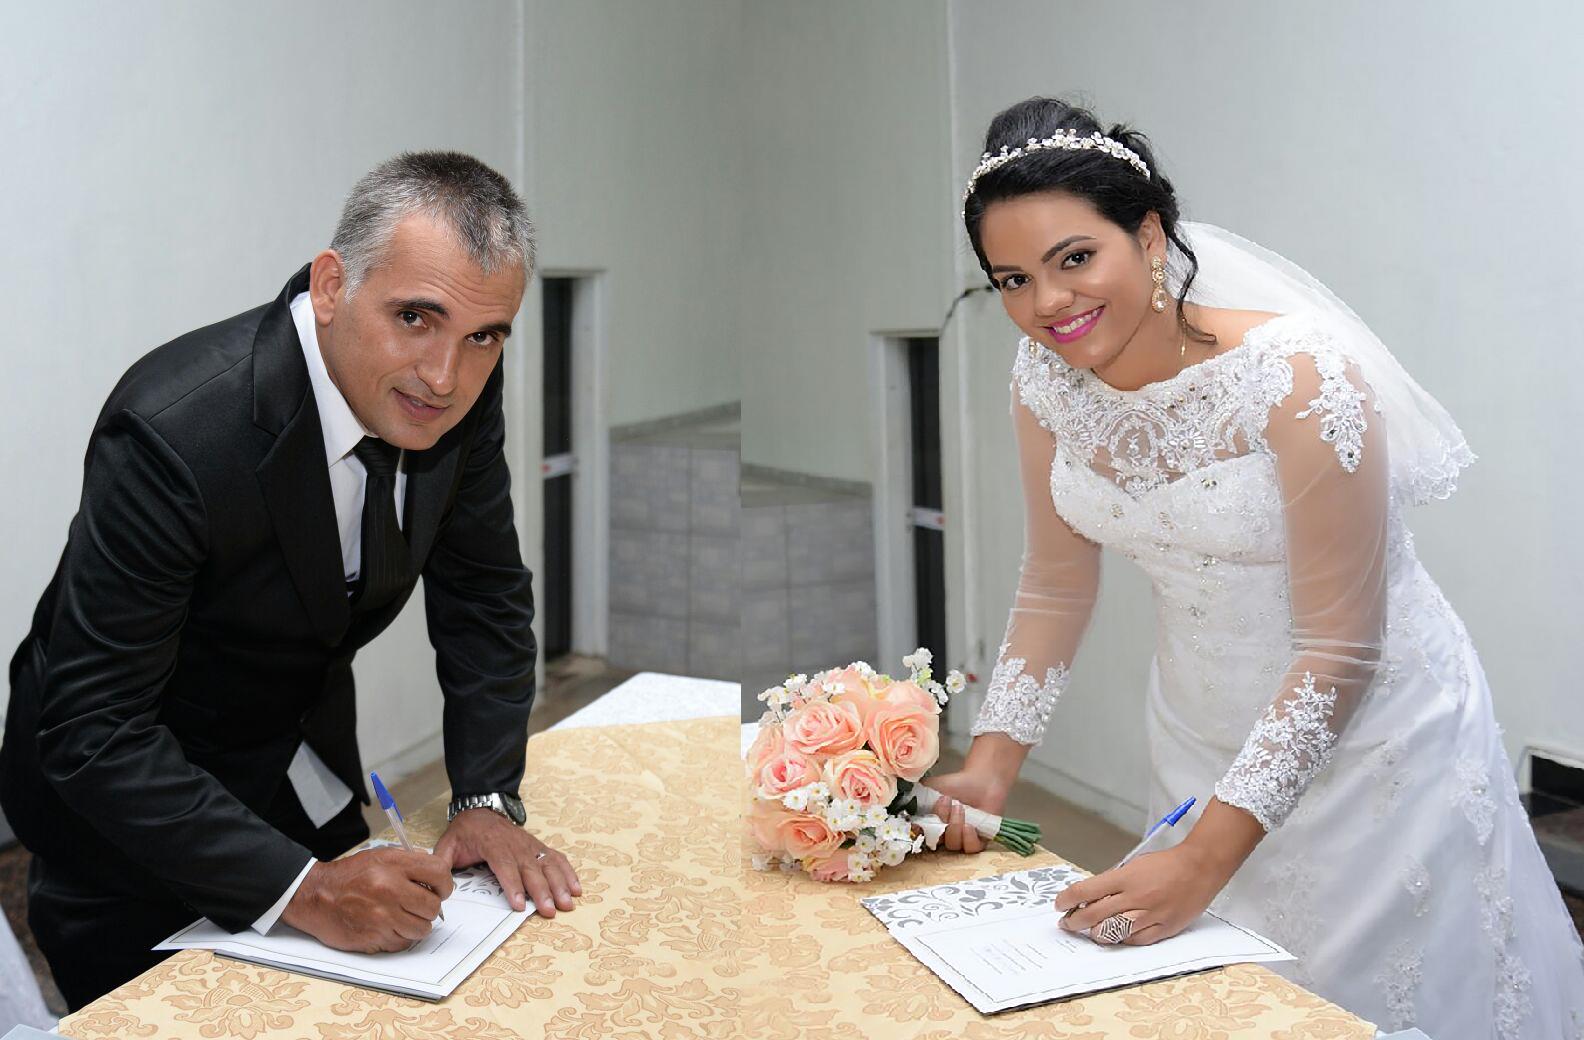 Como eles reconstruíram um casamento falido2 min read